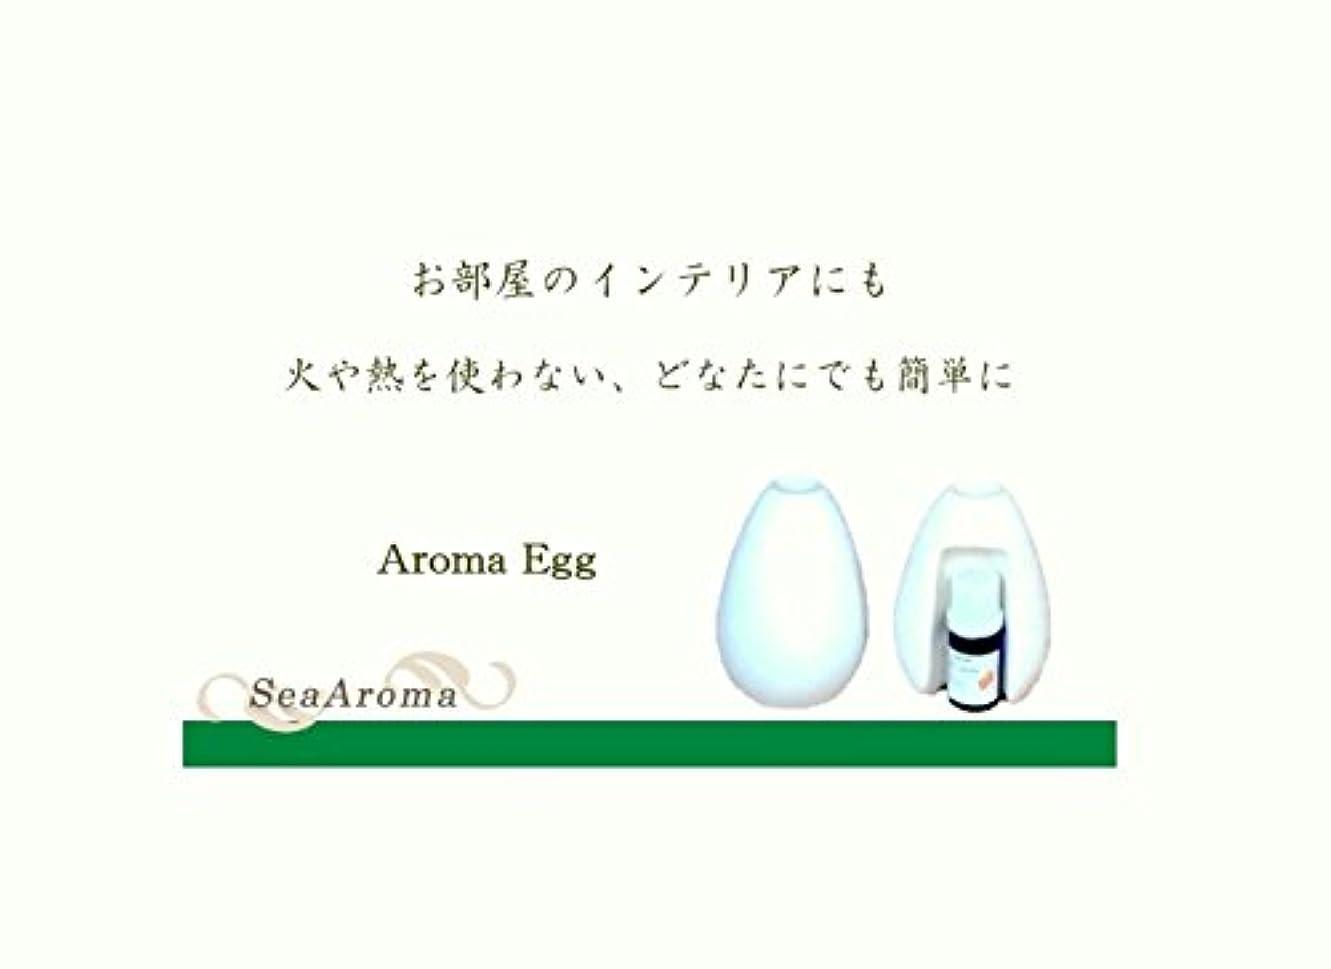 喜劇胴体逮捕Aroma Egg